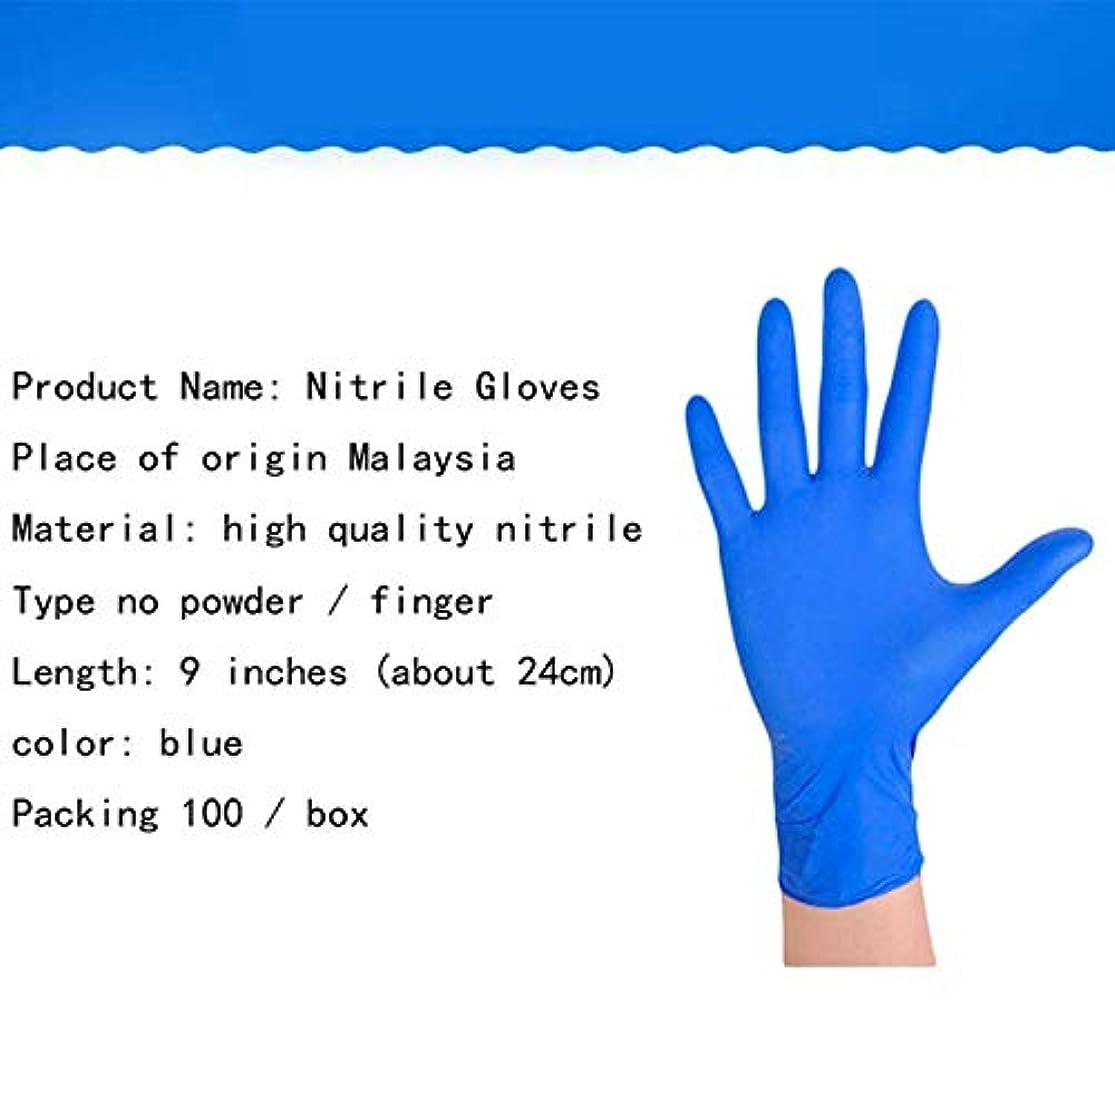 寛解はしご寸前ニトリル手袋、パウダーフリー、ラテックスゴムフリー、使い捨て手袋 - 非滅菌、食品安全、医療用グレード、100 PCSの便利なディスペンサーパック、(追加強度)(S-XL) (Size : S)